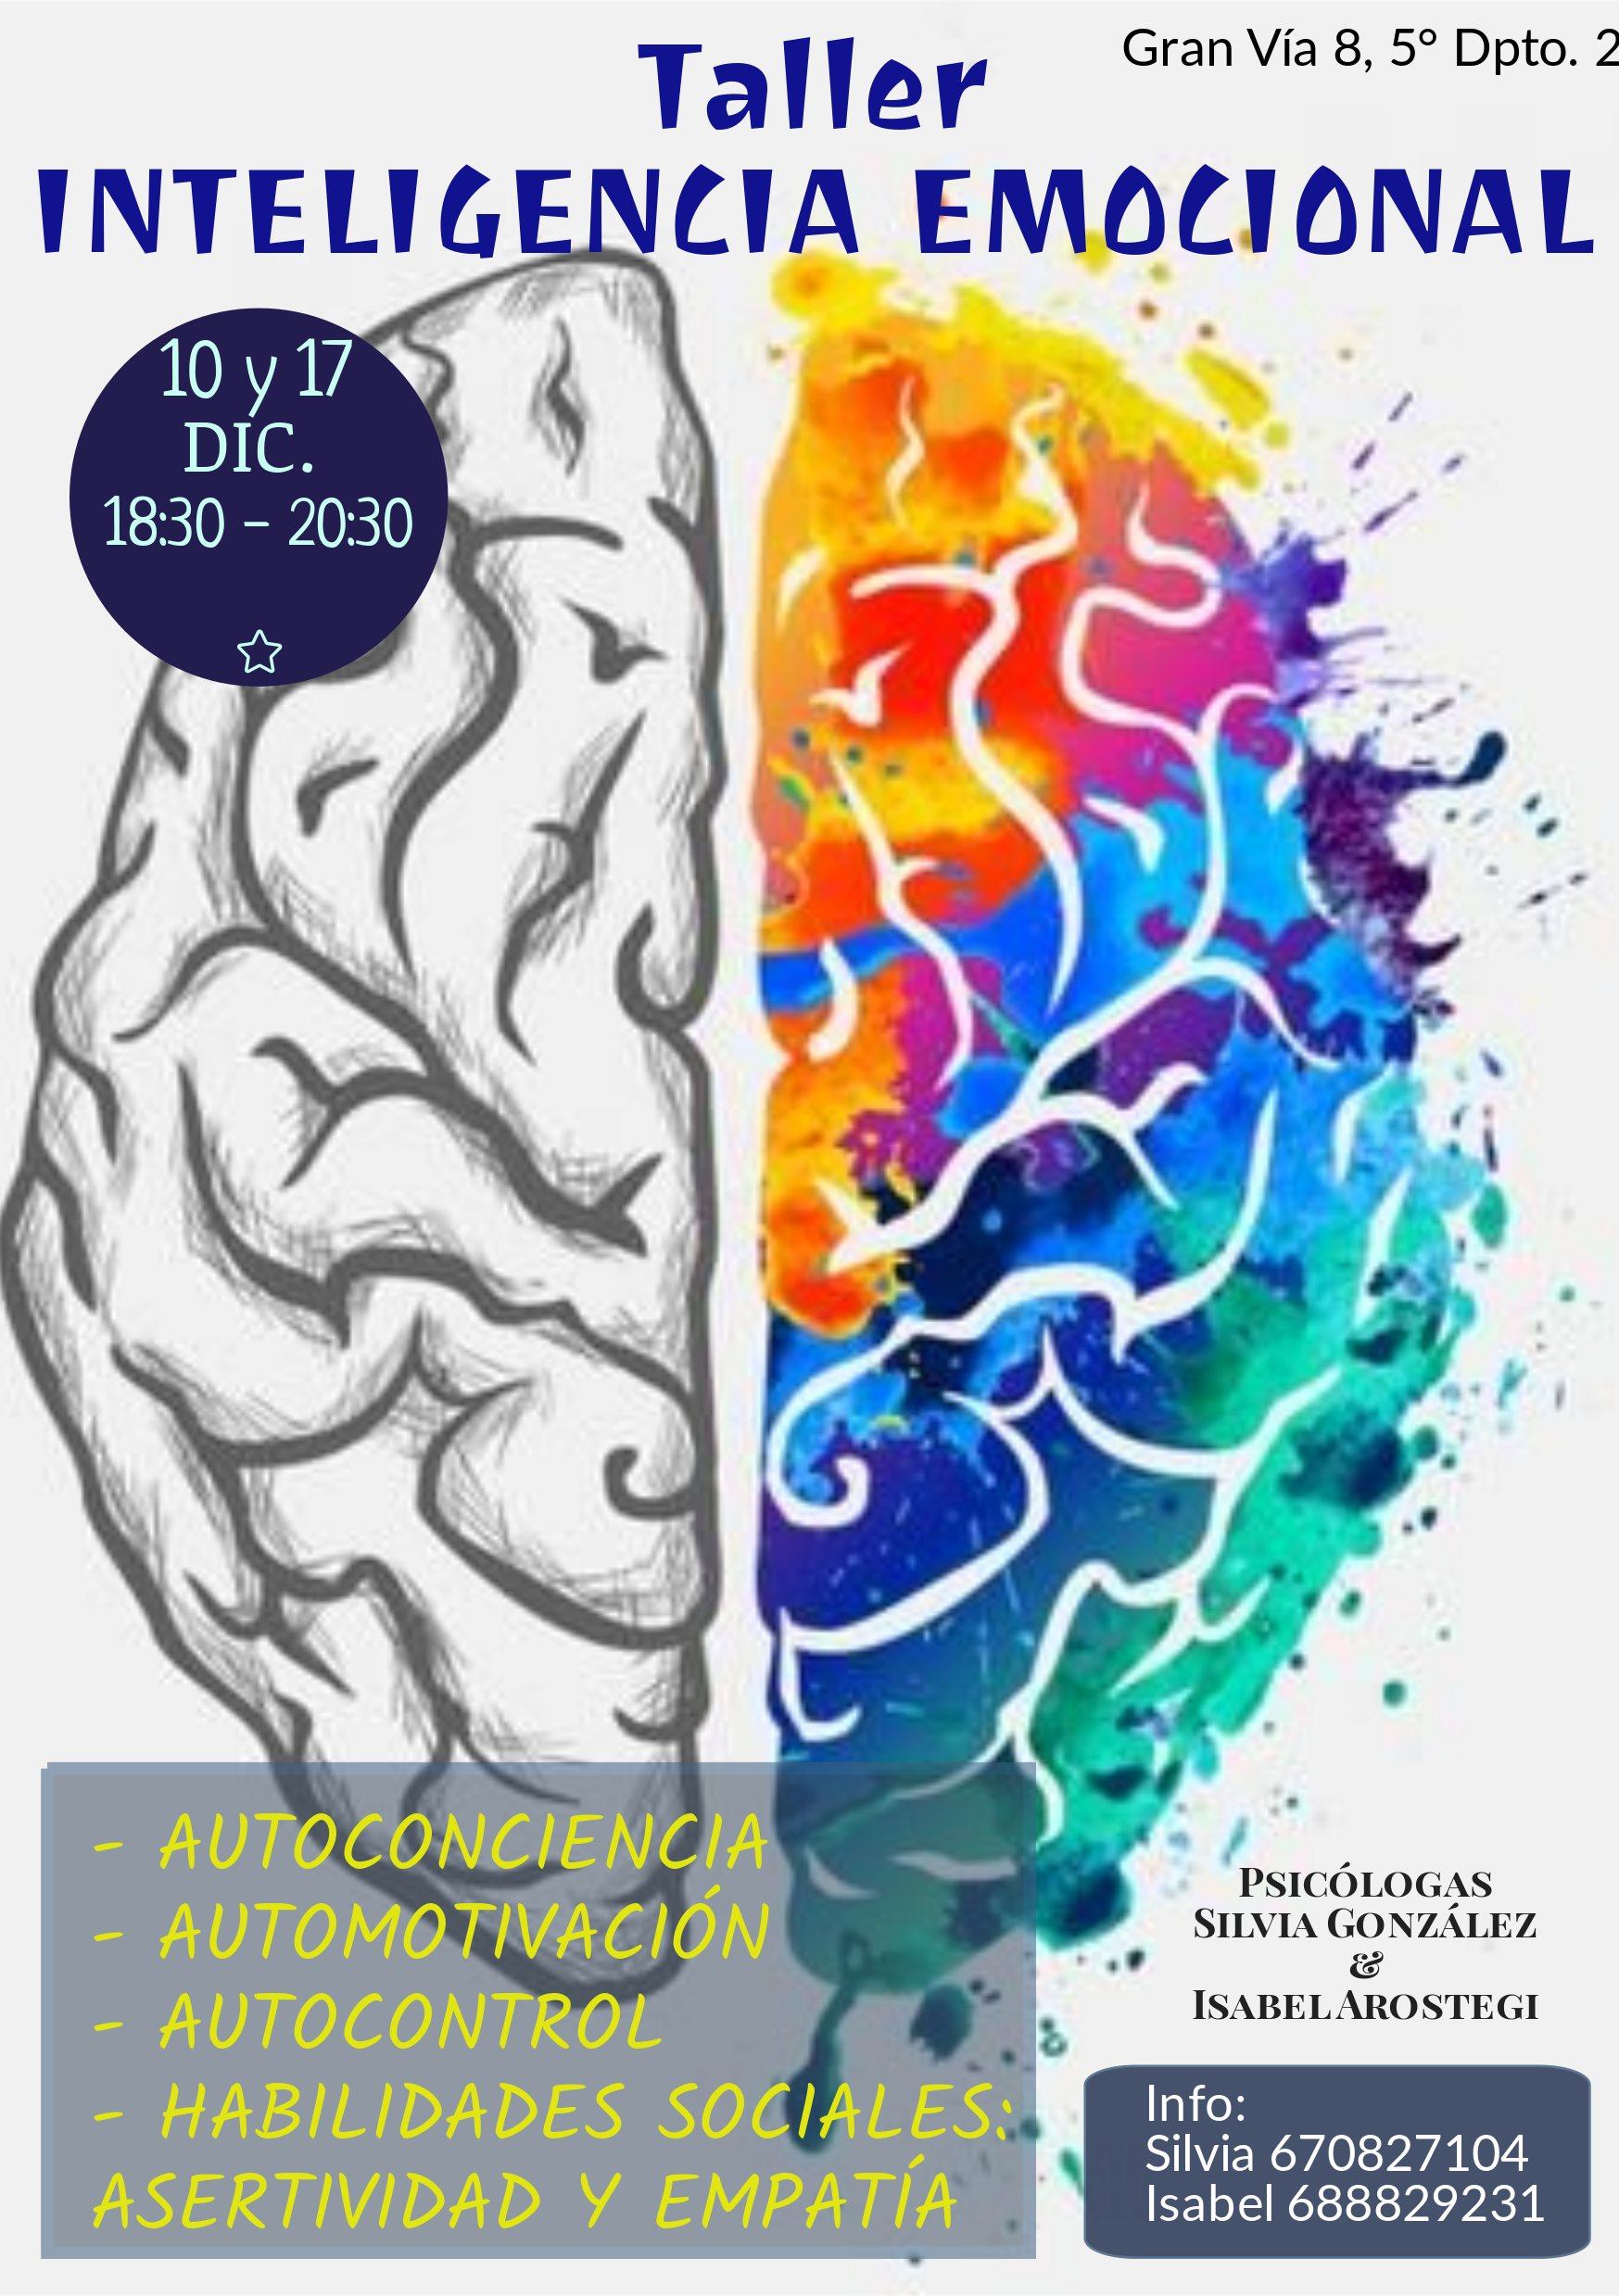 taller inteligencia emocional Bilbao